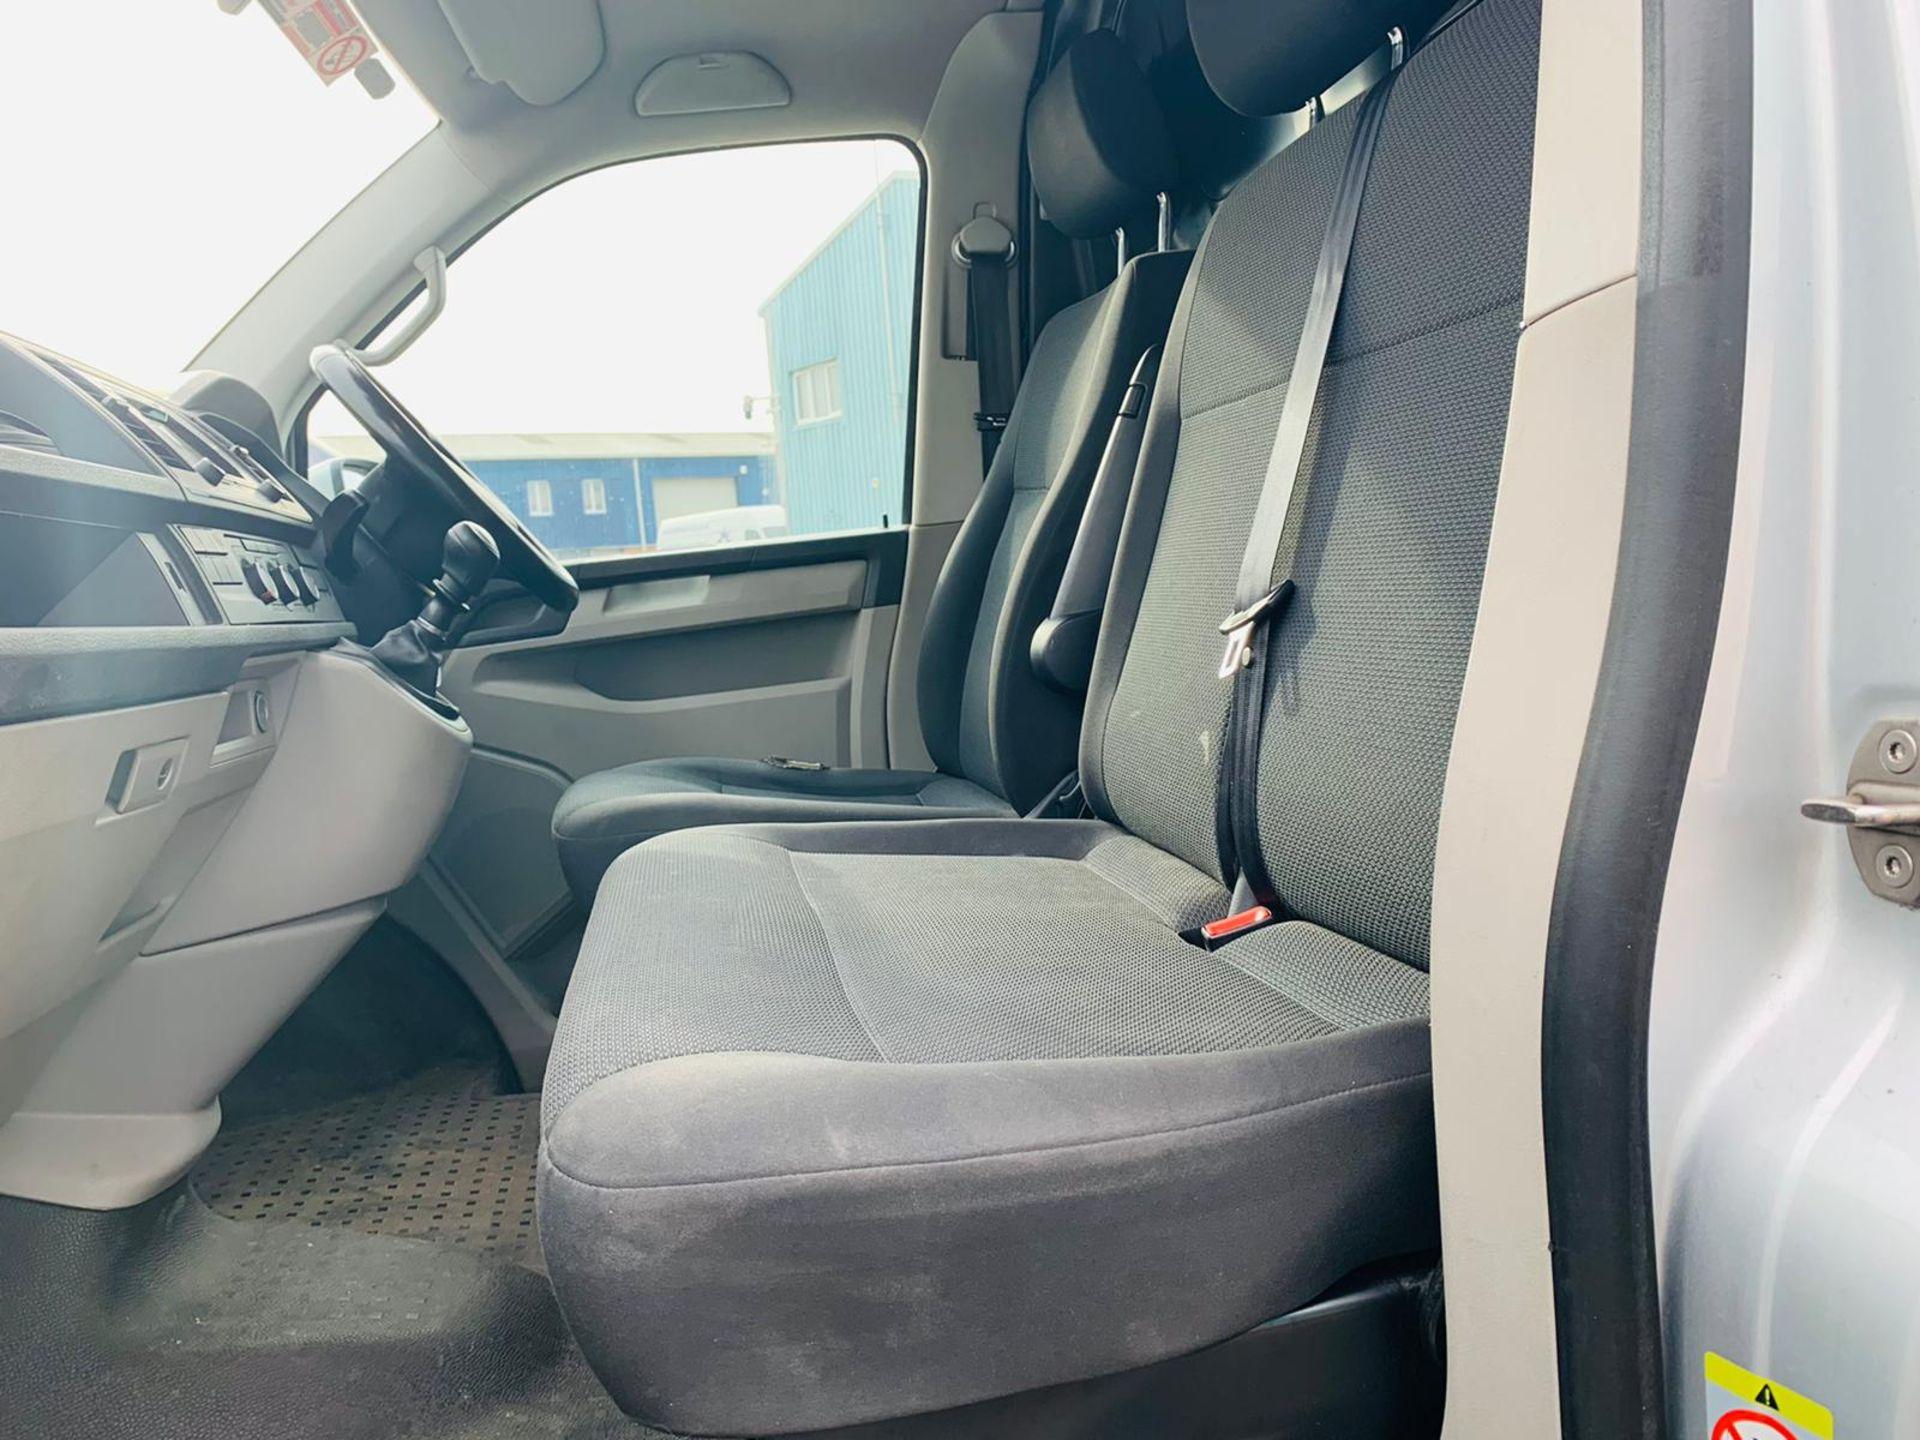 (RESERVE MET) Volkswagen (VW) Transporter 2.0 TDI 150 Highline T28 2018 18 Reg - Parking Sensors - - Image 10 of 23